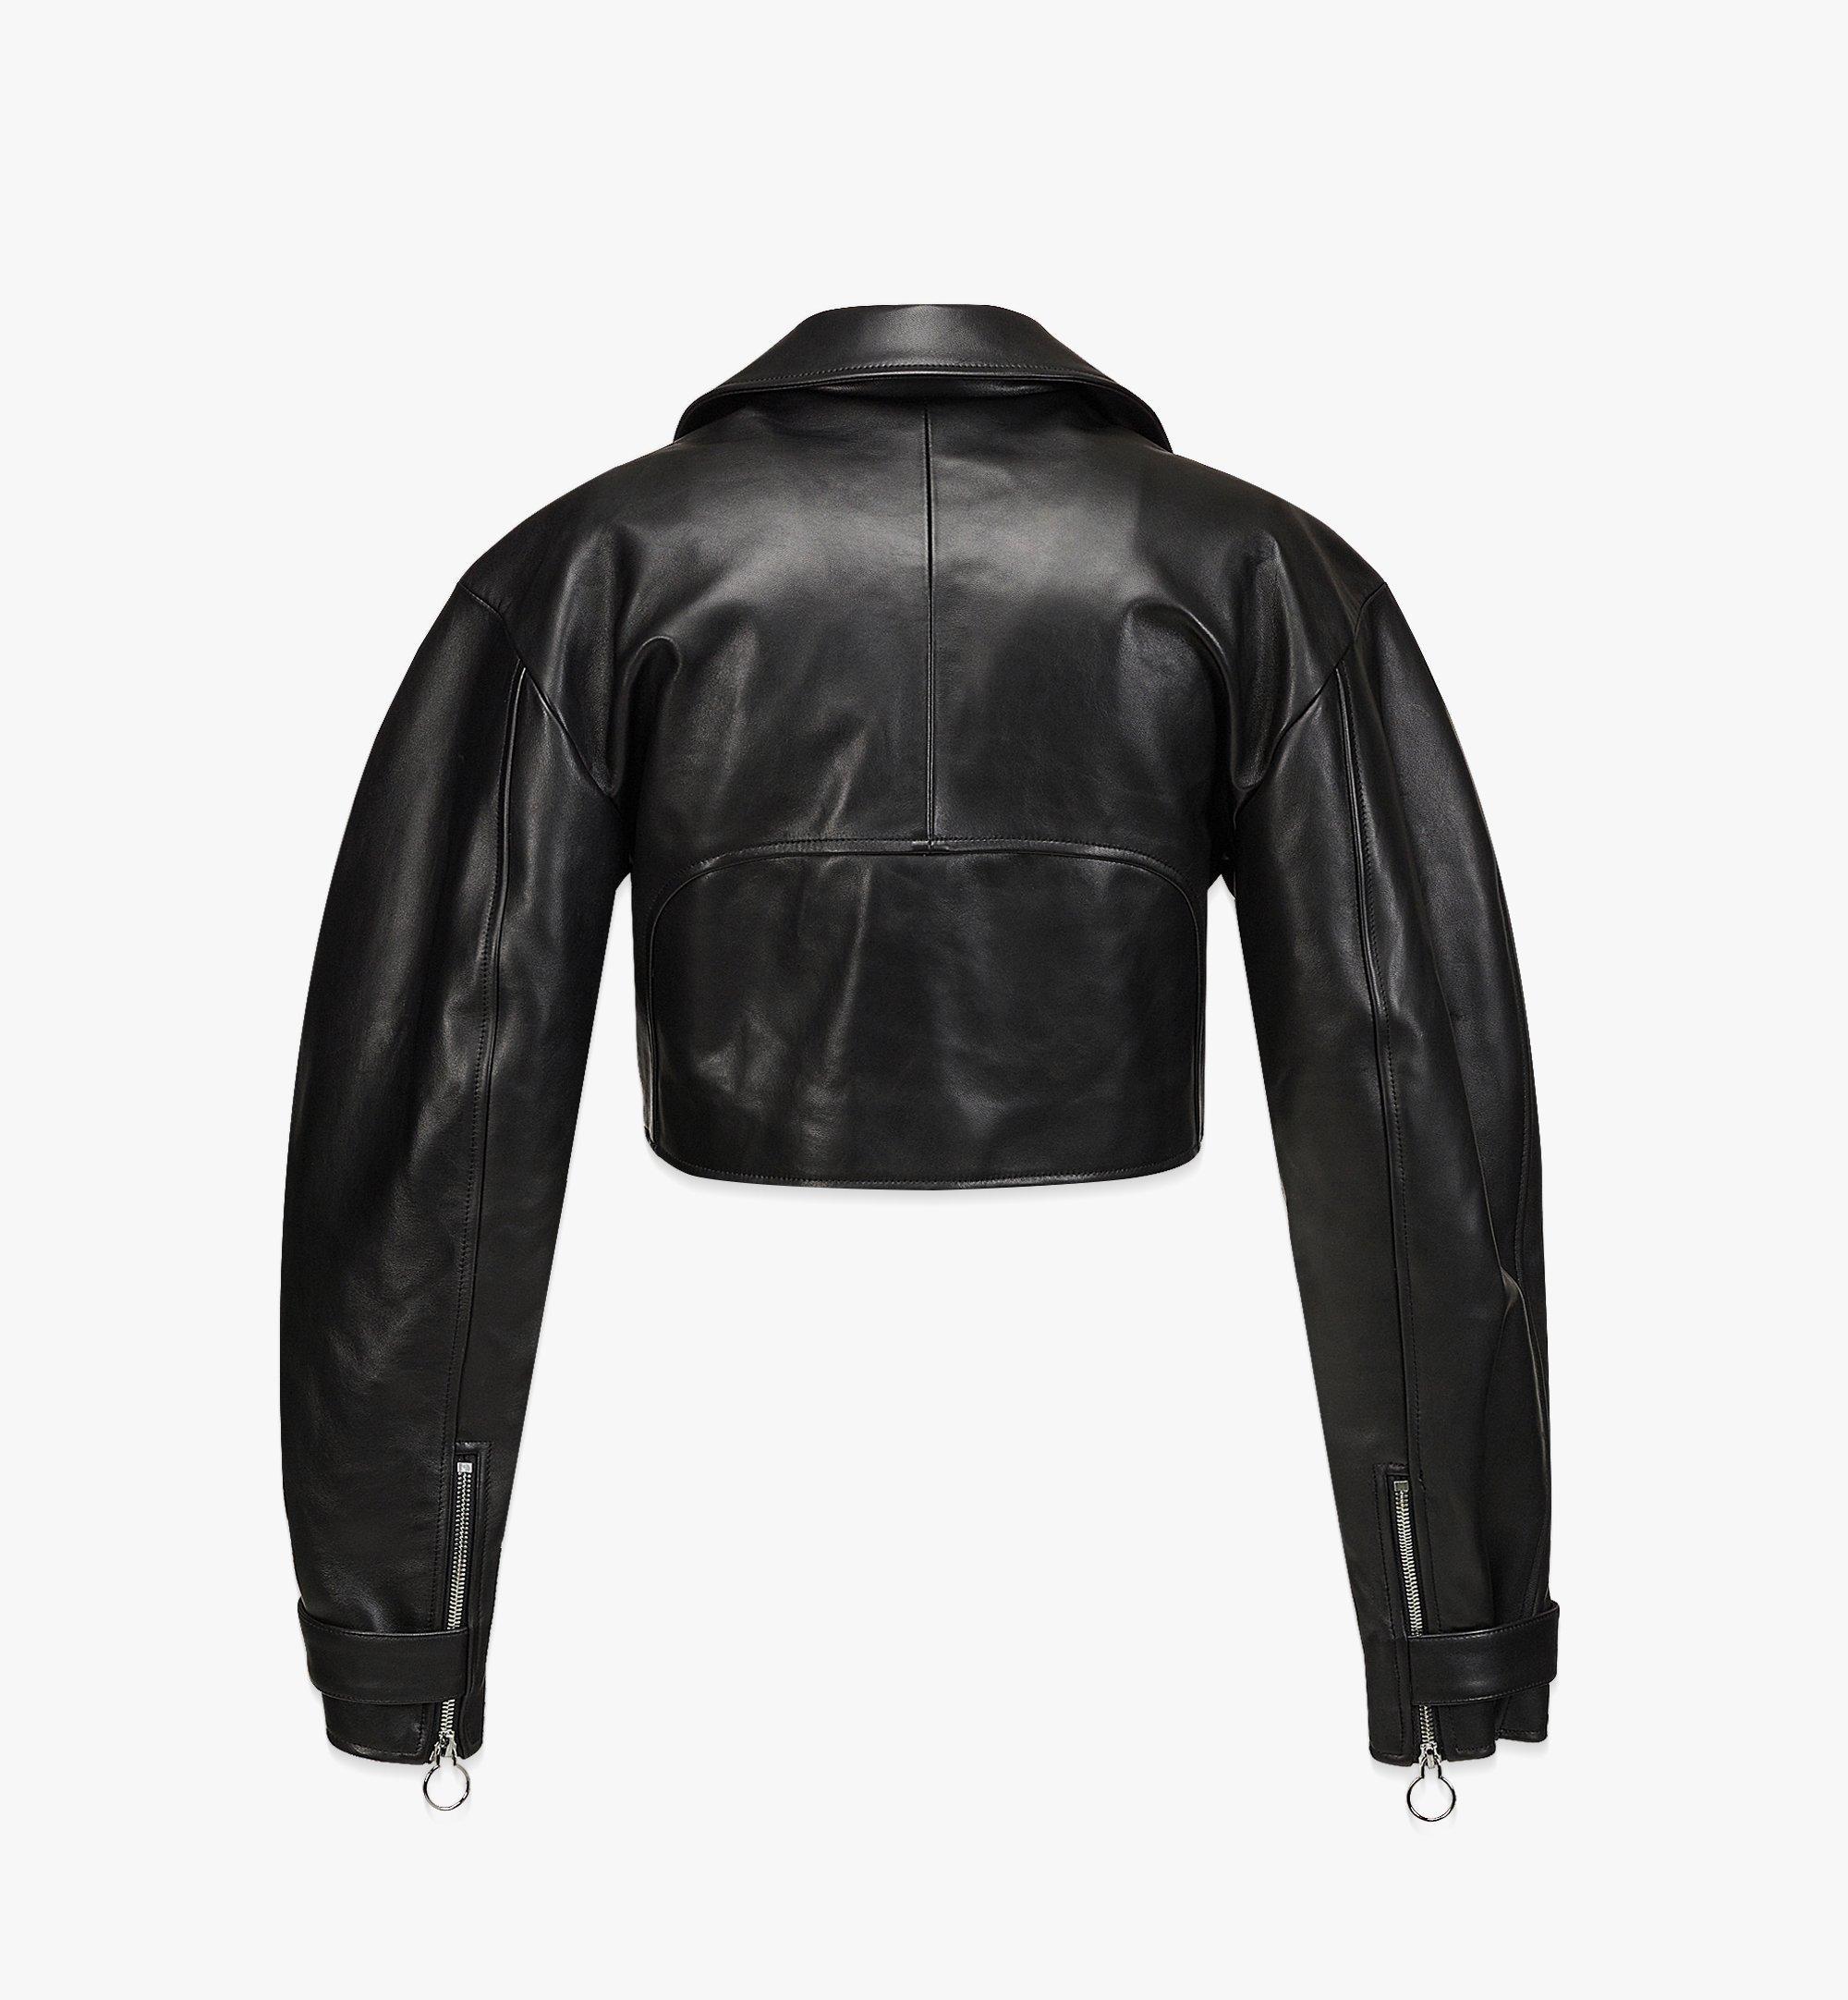 MCM Veste courte en cuir pour femme Black MFJBAMM02BK040 Plus de photos 1